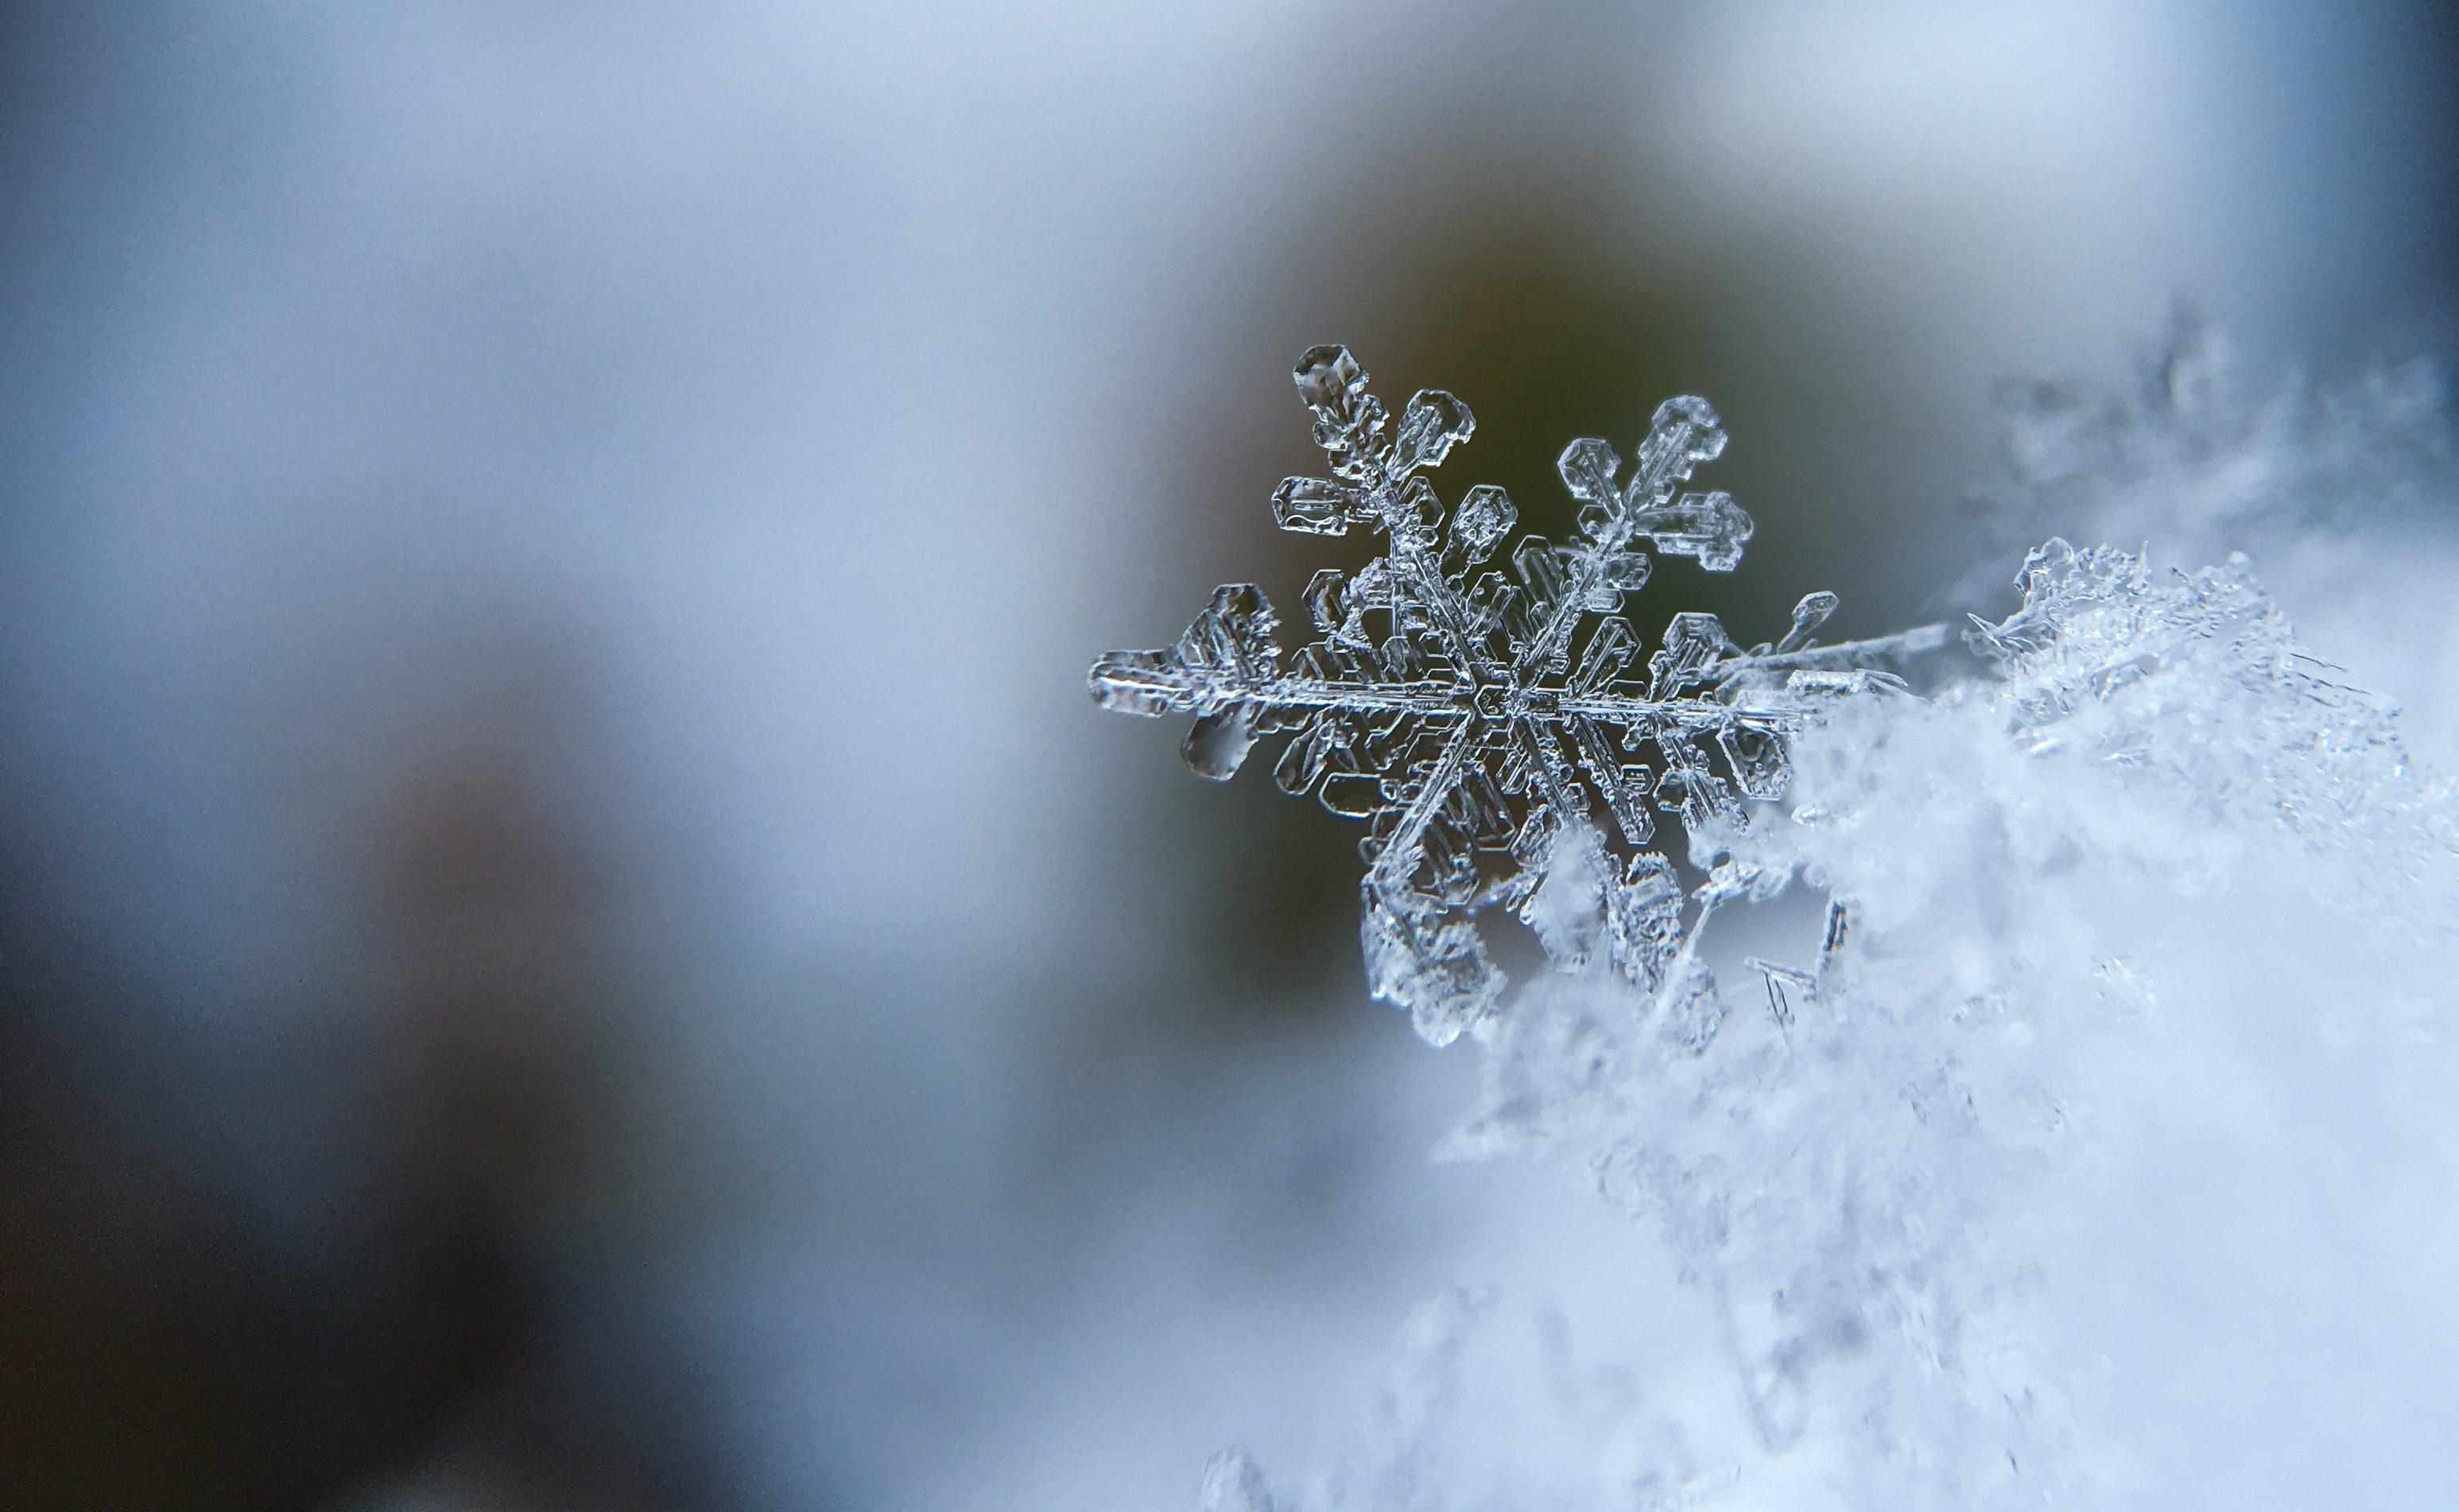 snow-day-snowflake